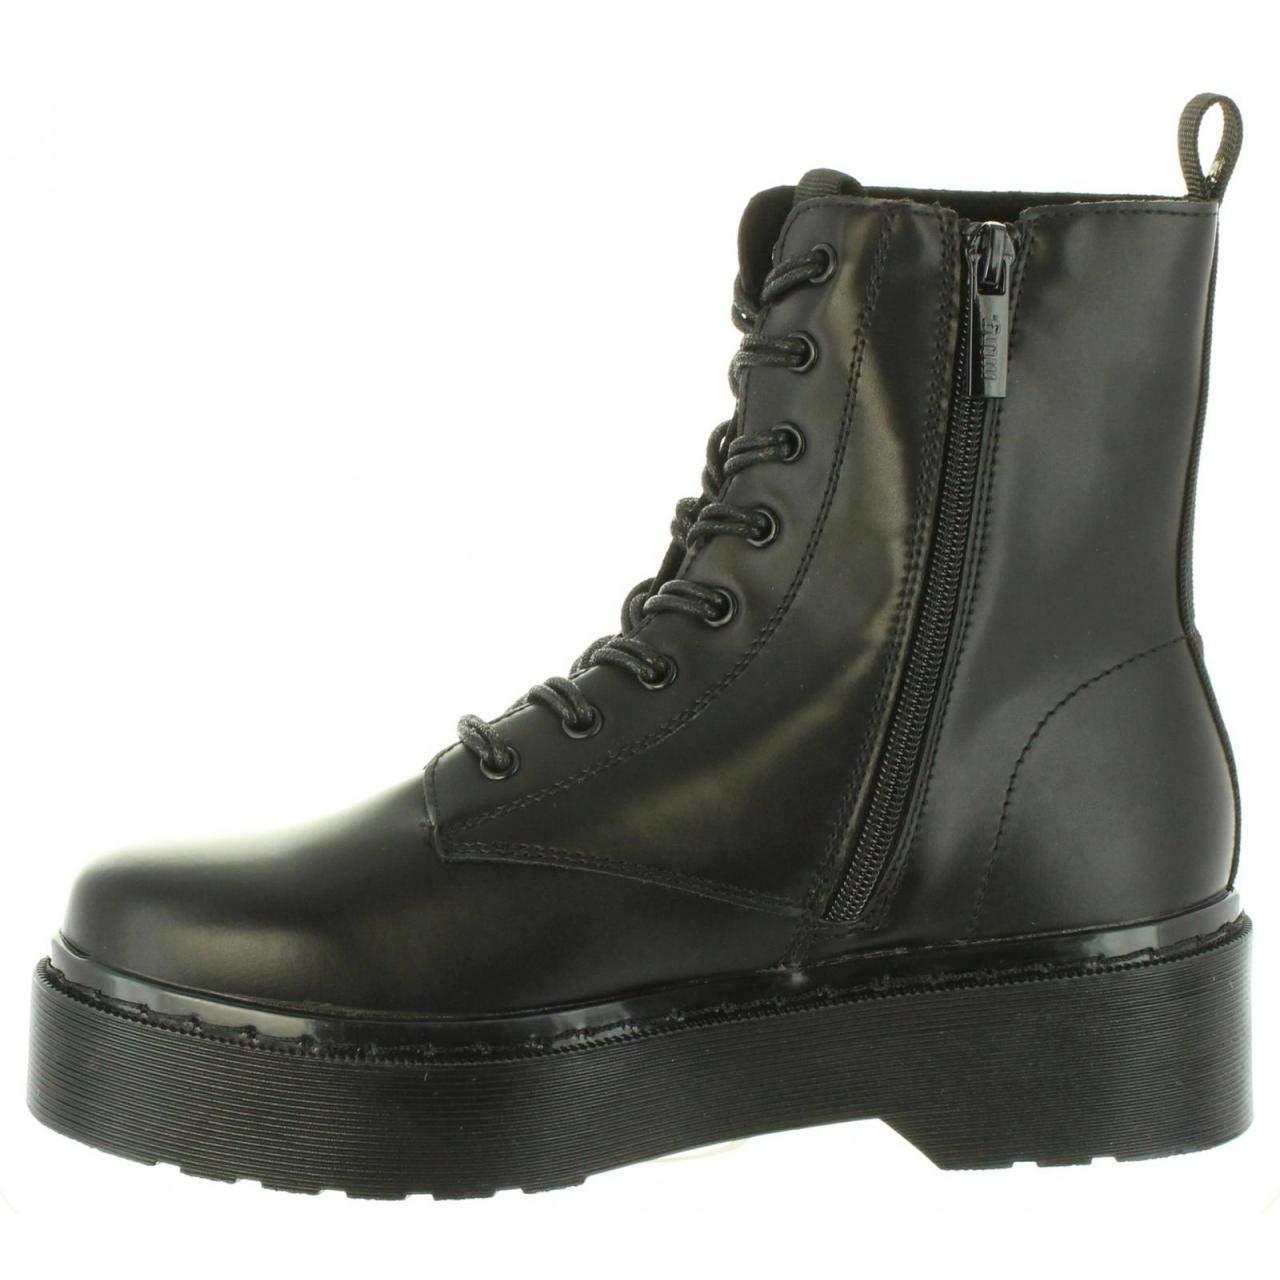 MTNG Stiefel für Damen 50596 50596 Damen C35856 Negro - 3f97ee